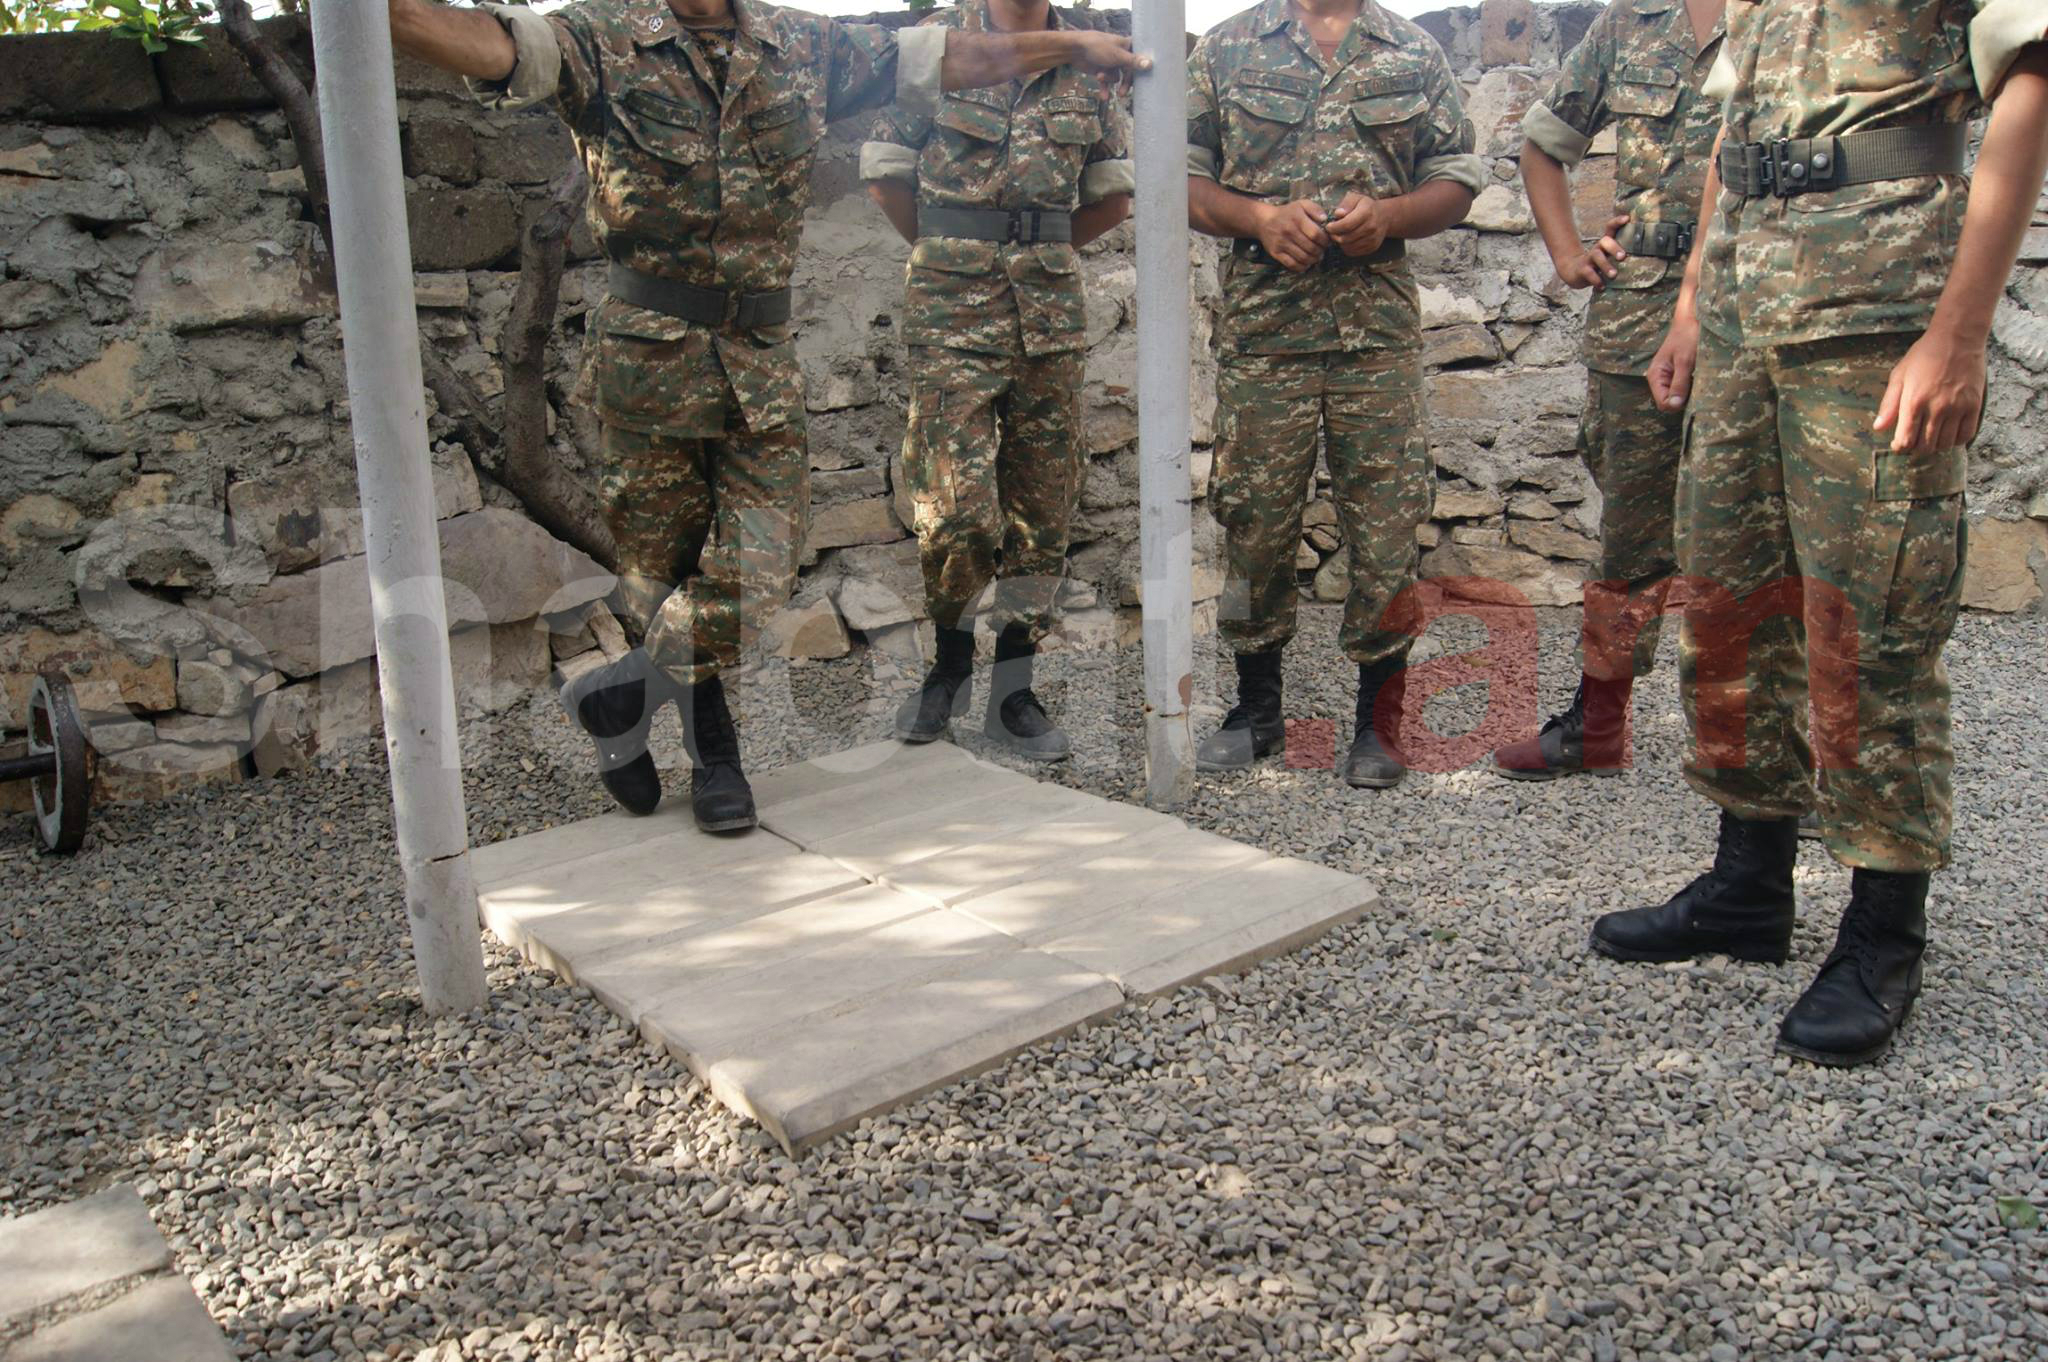 Հակառակորդը բացի հրաձգային զինատեսակներից` կիրառվել է նաև ՌՊԳ-7 տիպի նռնականետ